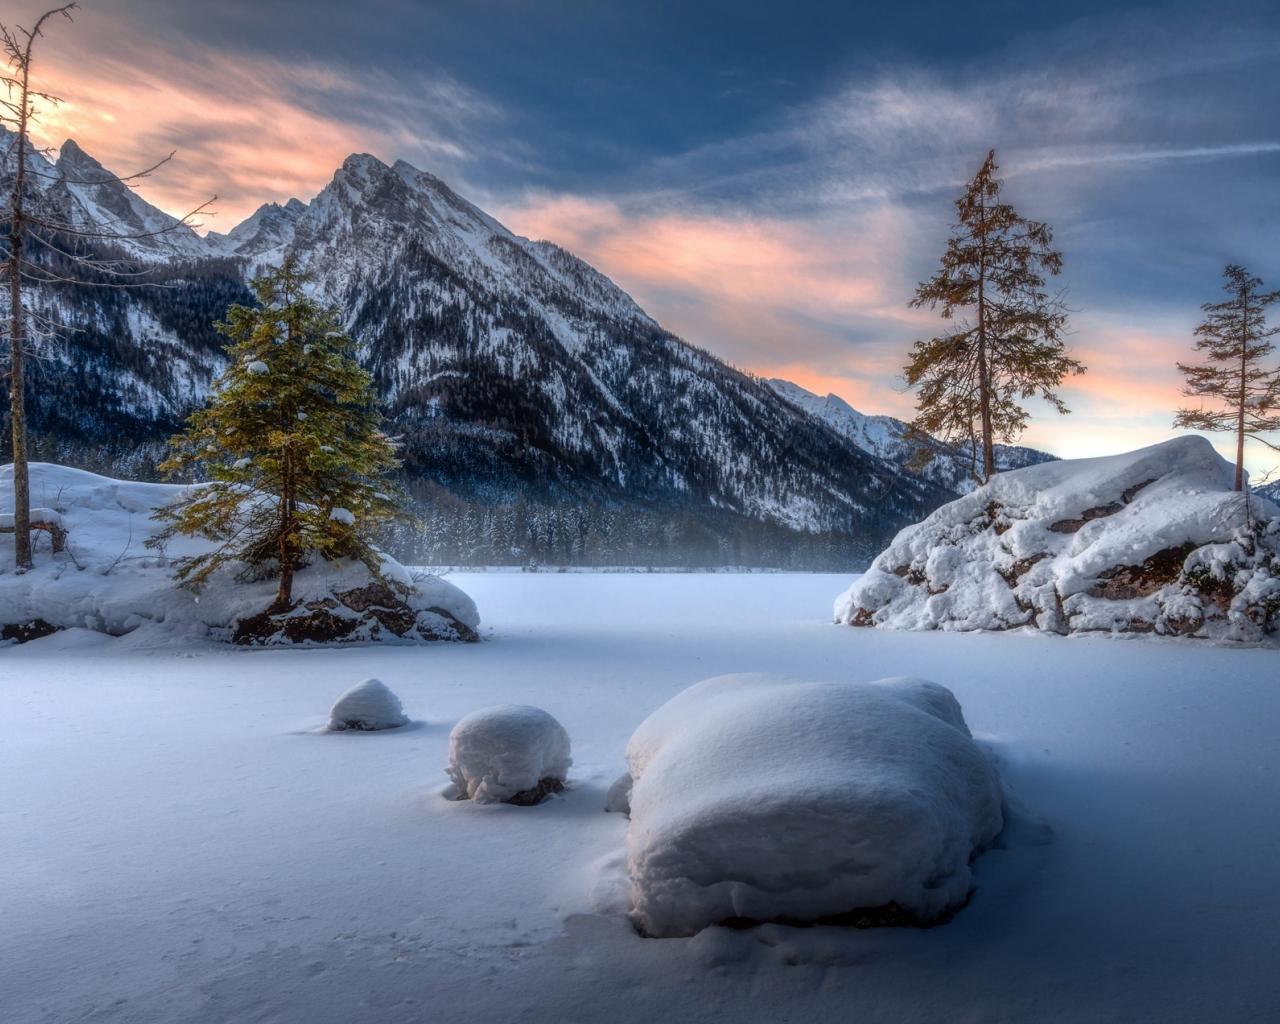 Landscape, mountains, winter, sunset, 1280x1024 wallpaper